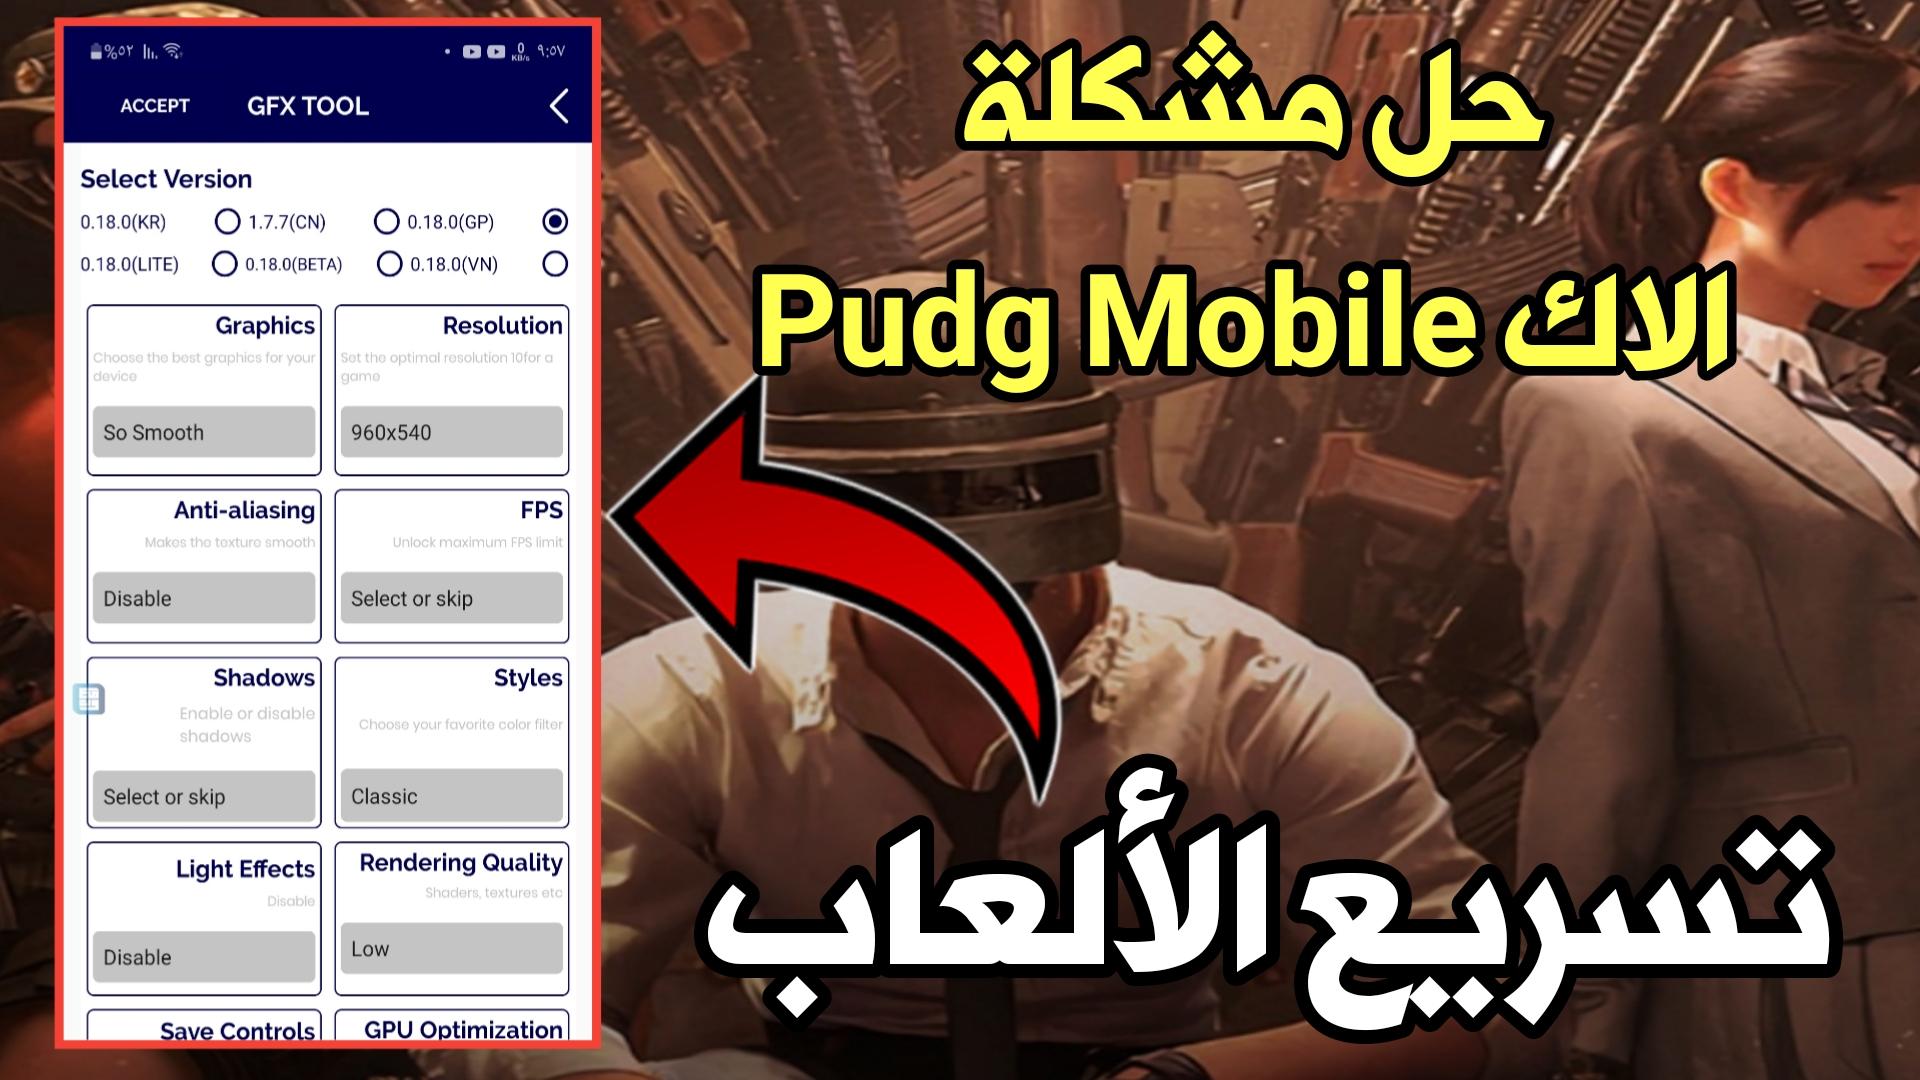 حل مشكلة الاك Pubg Mobile للهواتف الضعيفة طريقة سرية جداً لتسريع Games